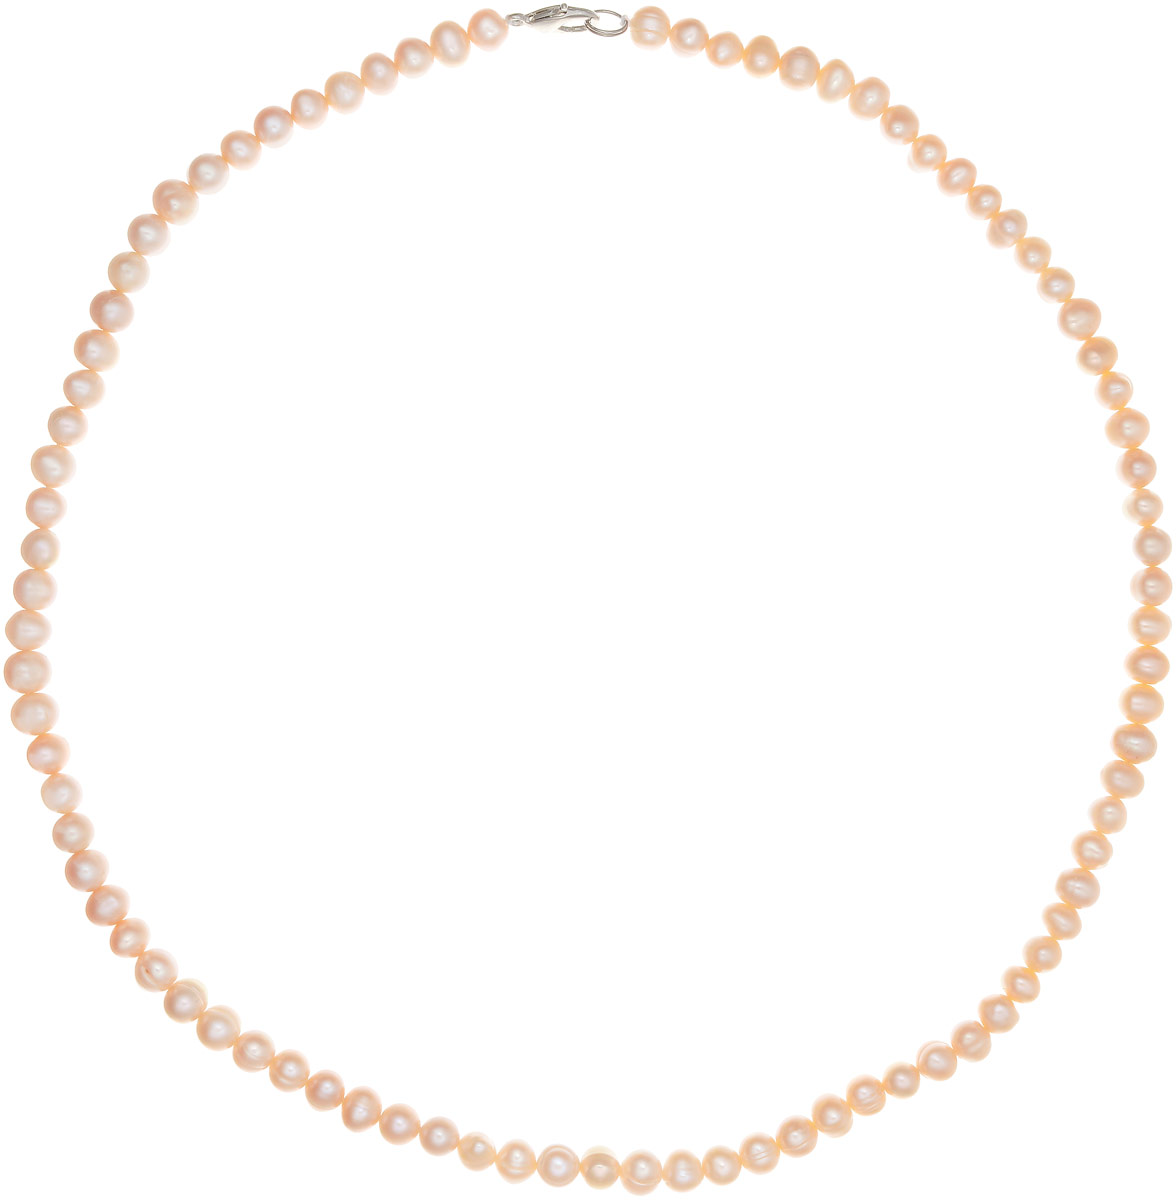 Бусы Art-Silver, цвет: персиковый, длина 55 см. КЖр6-7А+55-537Бусы-ниткаБусы Art-Silver выполнены из бижутерного сплава и культивированного жемчуга. Изделие оснащено удобным замком-карабином.